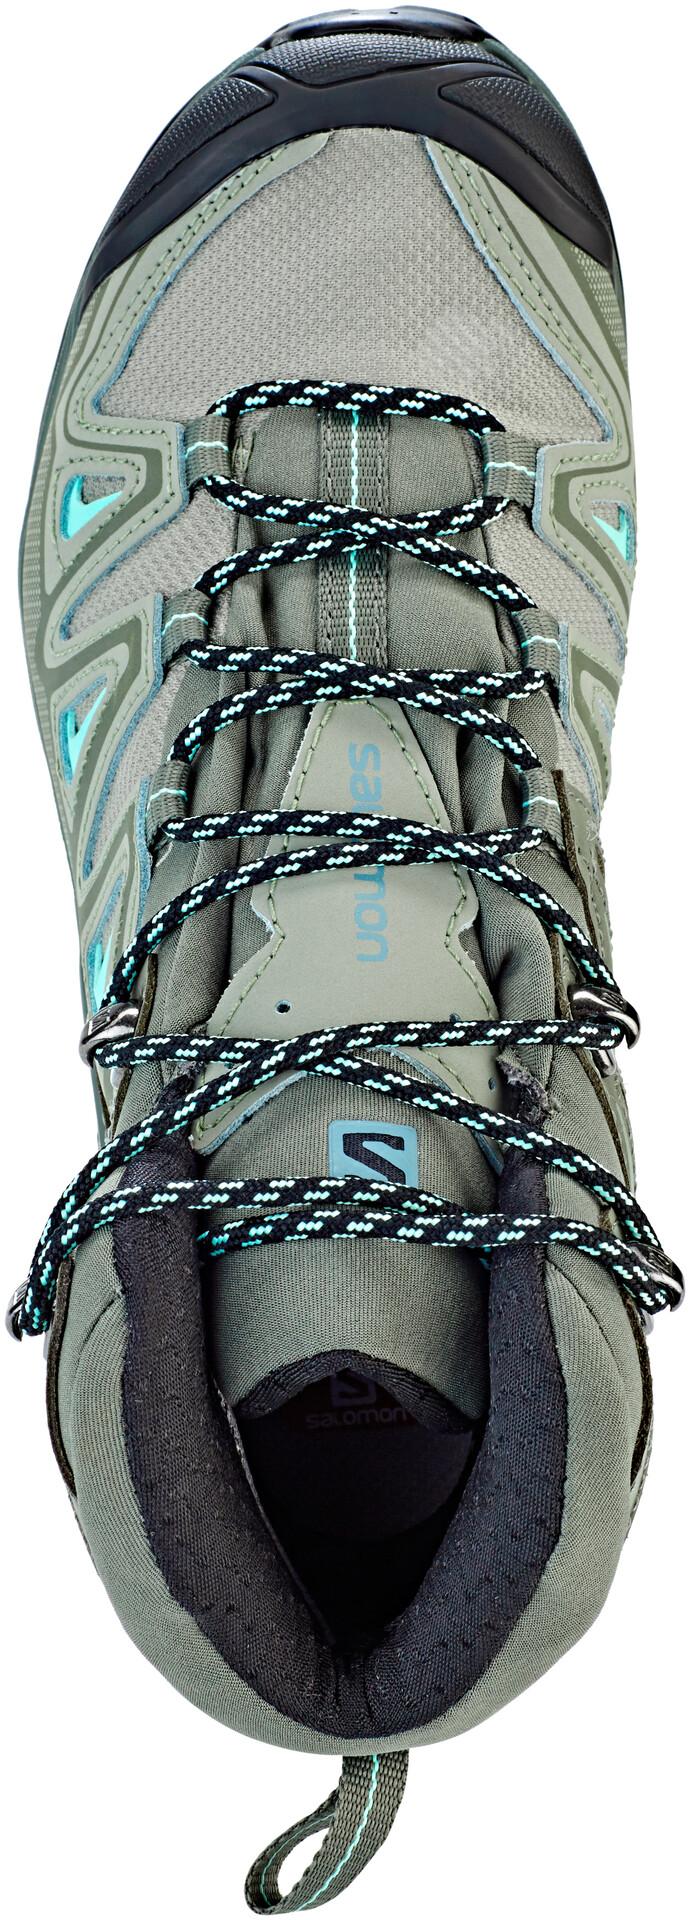 Salomon W's X Ultra 3 Mid GTX ShadowCastor GrayBeach Glass